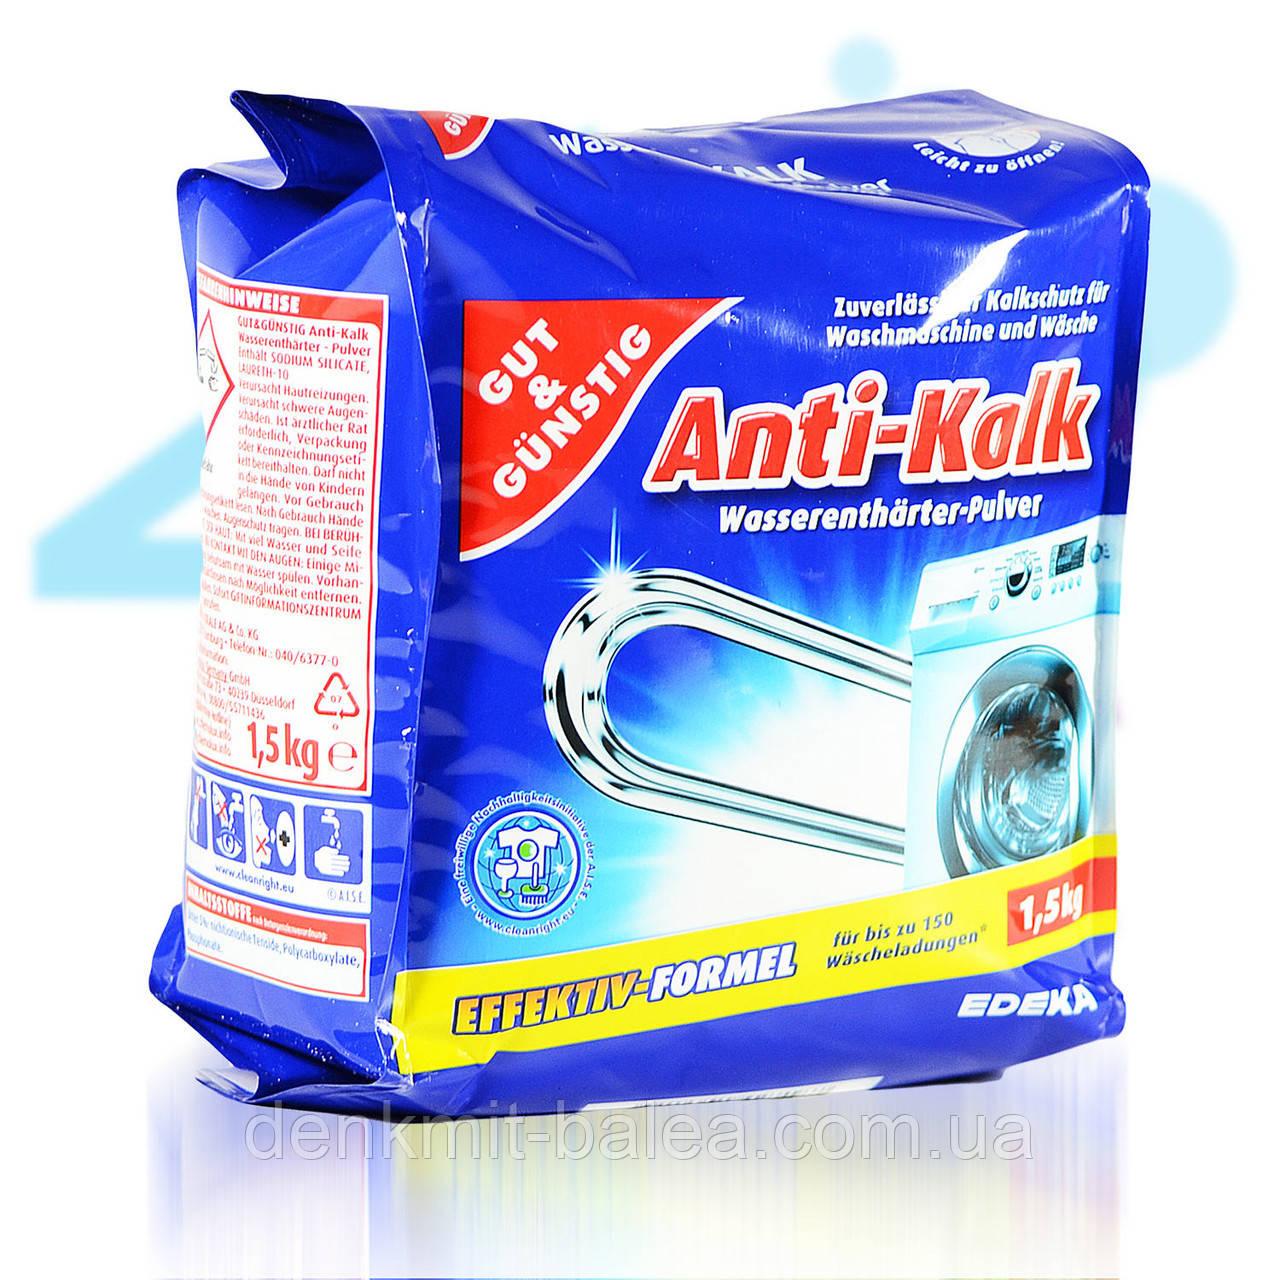 Порошок для очистки стиральных машин от накипи G&G Anti-Kalk  Pulver  1,5 кг.